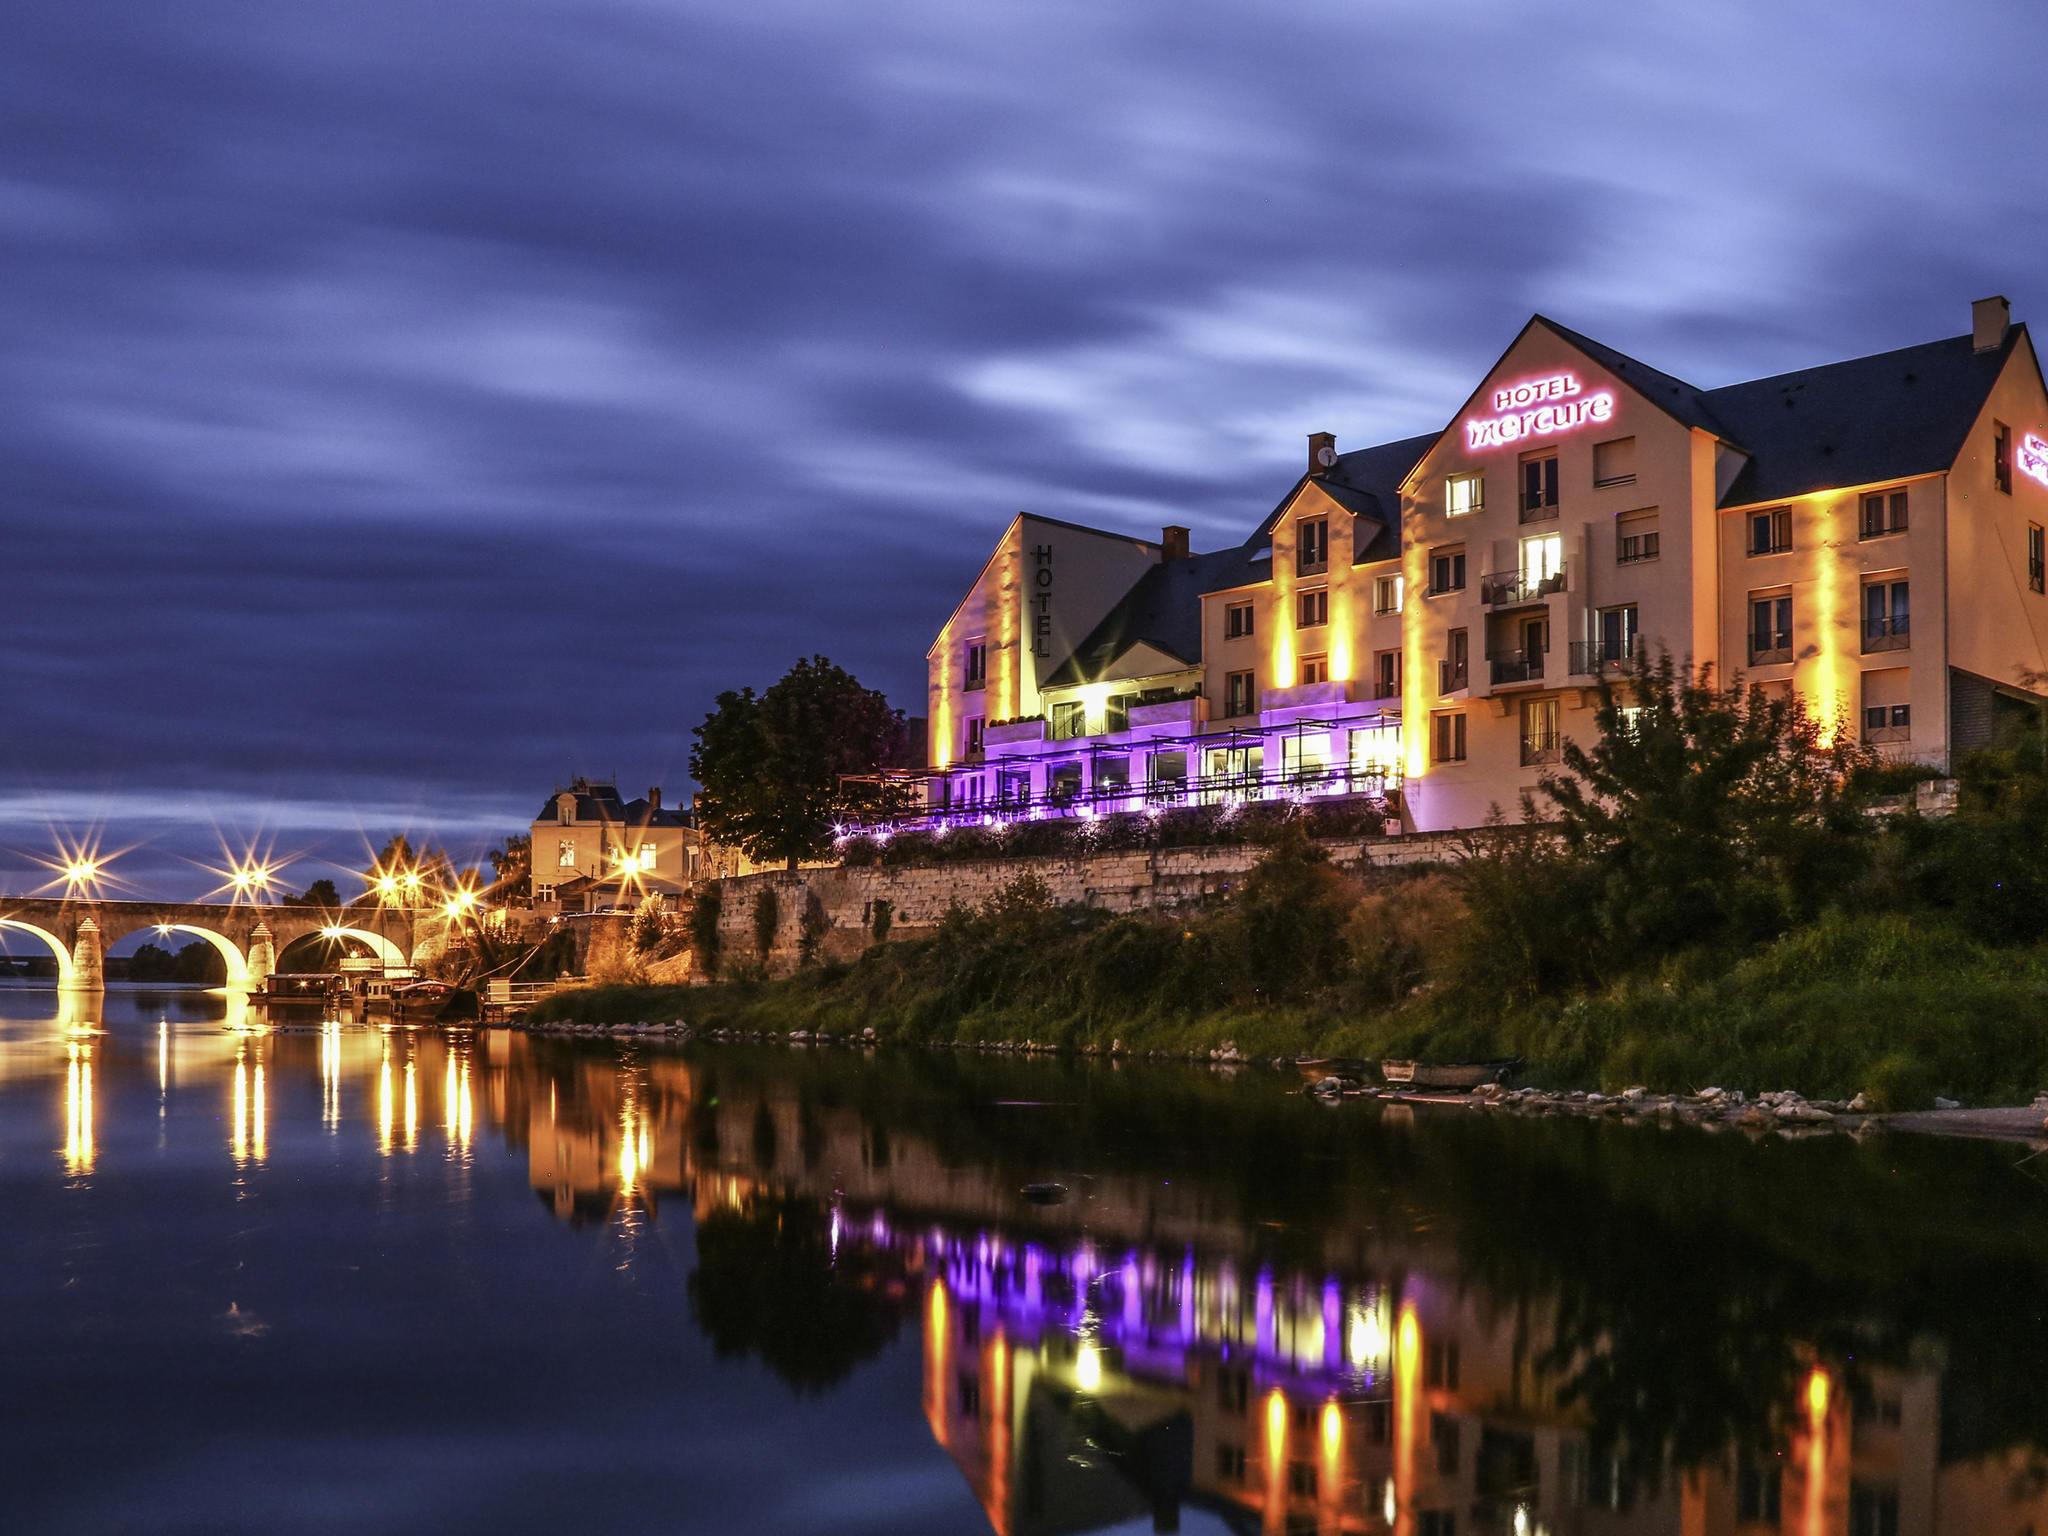 โรงแรม – Hôtel Mercure Bords de Loire Saumur